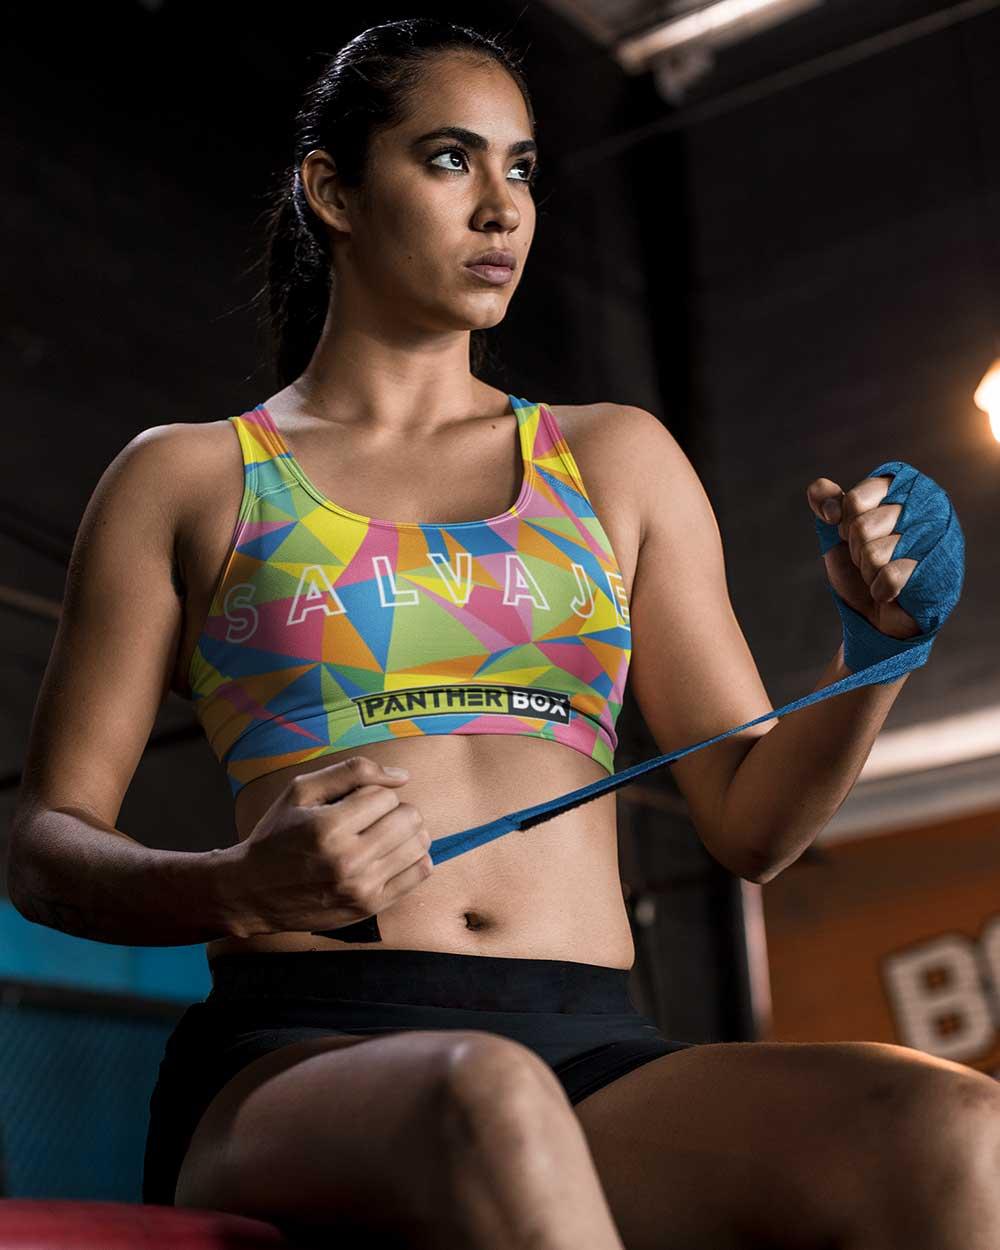 Ejercicios de mujer joven con diseño de sujetador deportivo de colores brillantes.